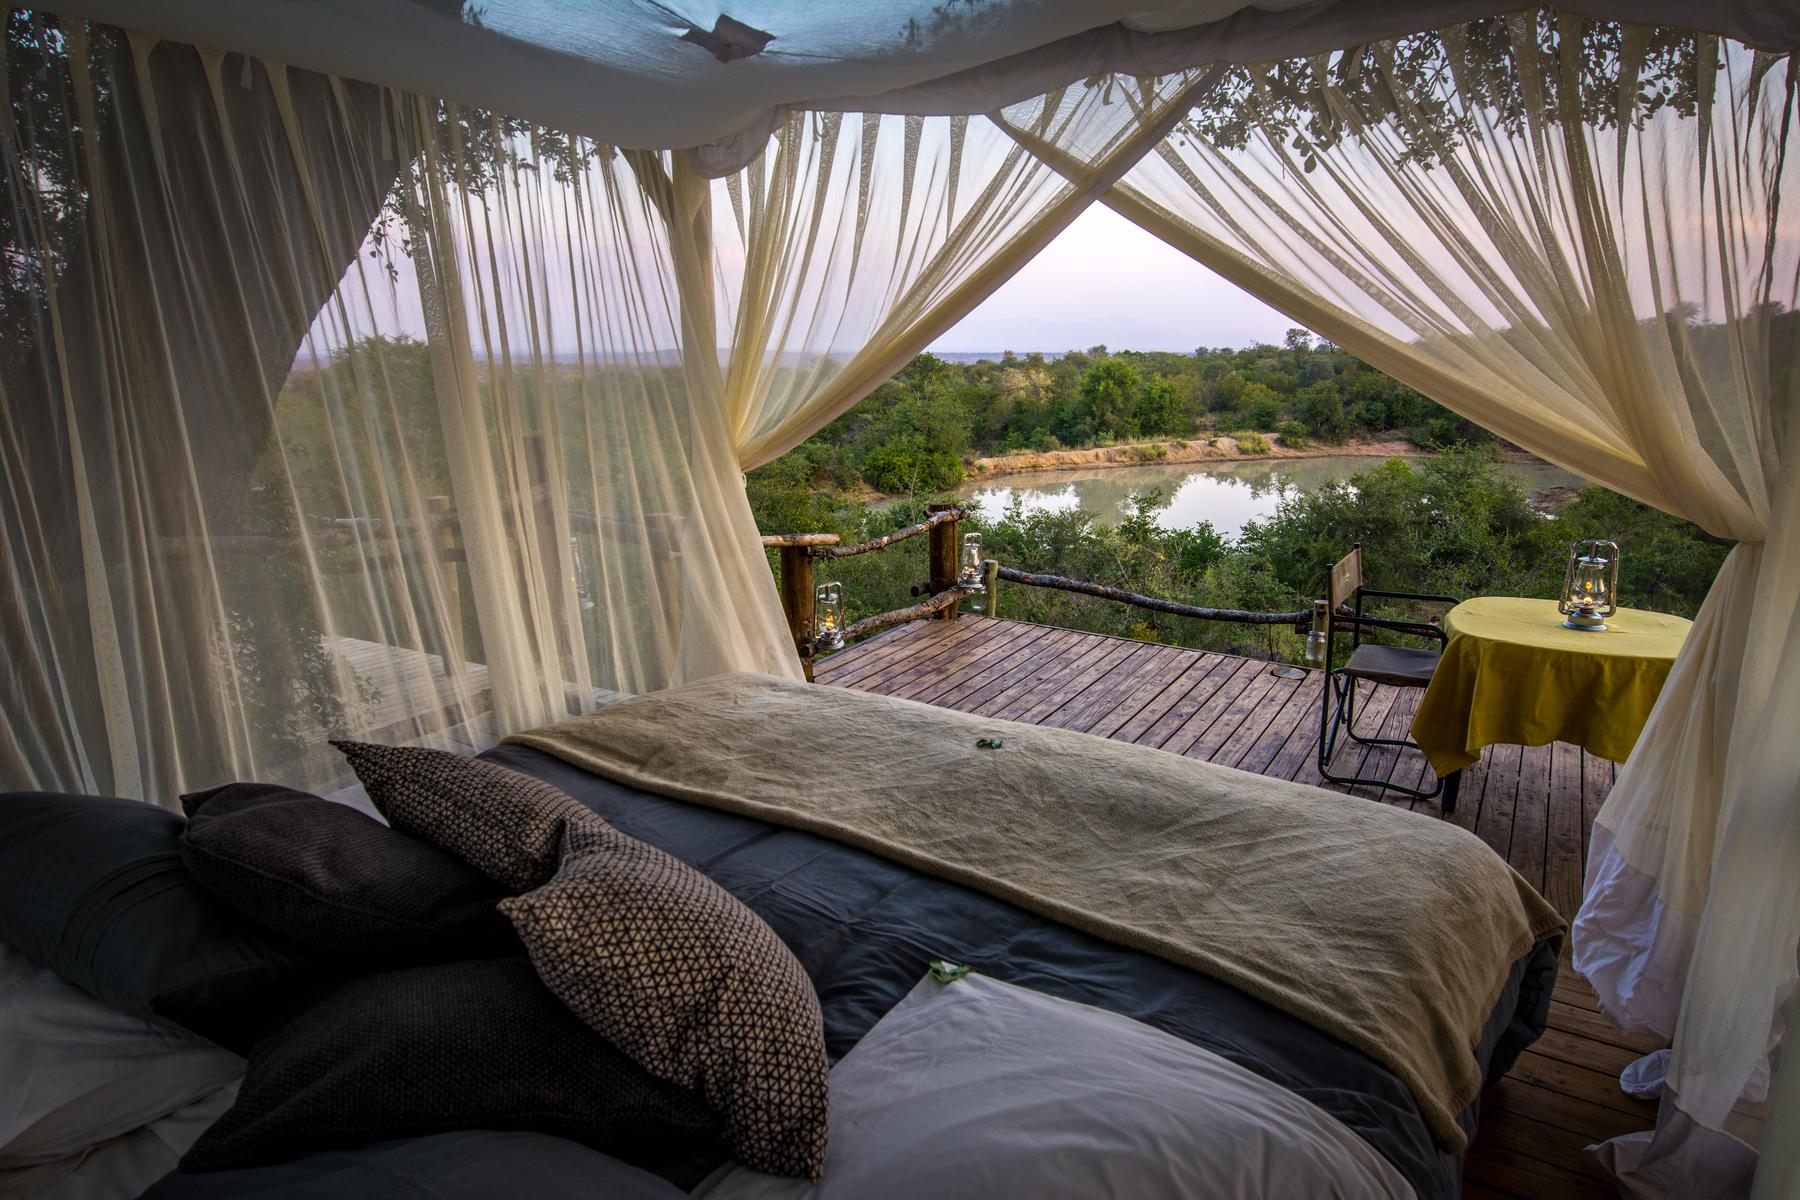 Cada cabaña cuenta con su propia fuente de luz solar / Garonga Safari Camp